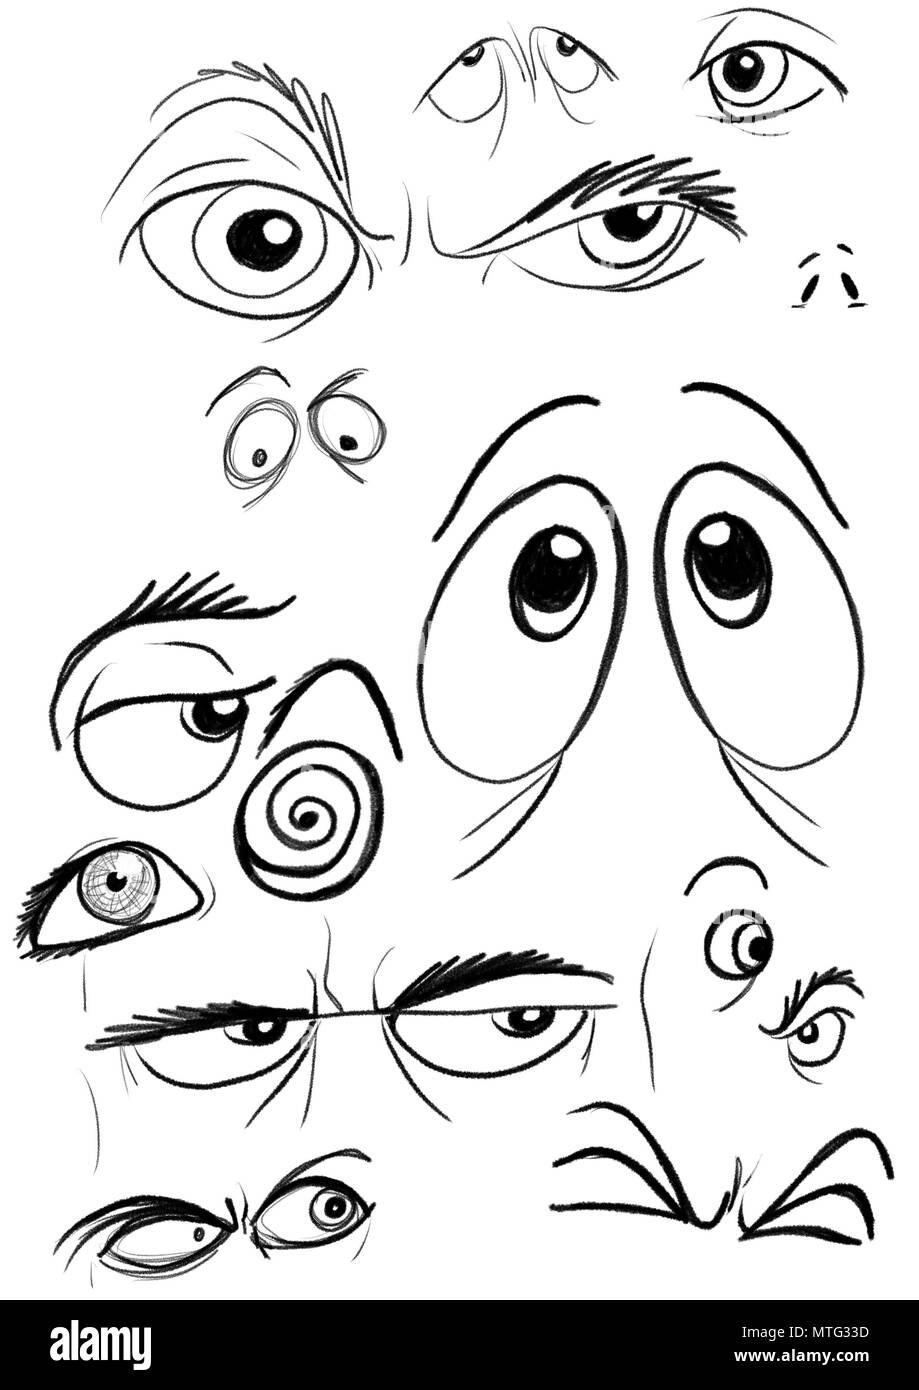 Blatt sortierte Augen Stockbild